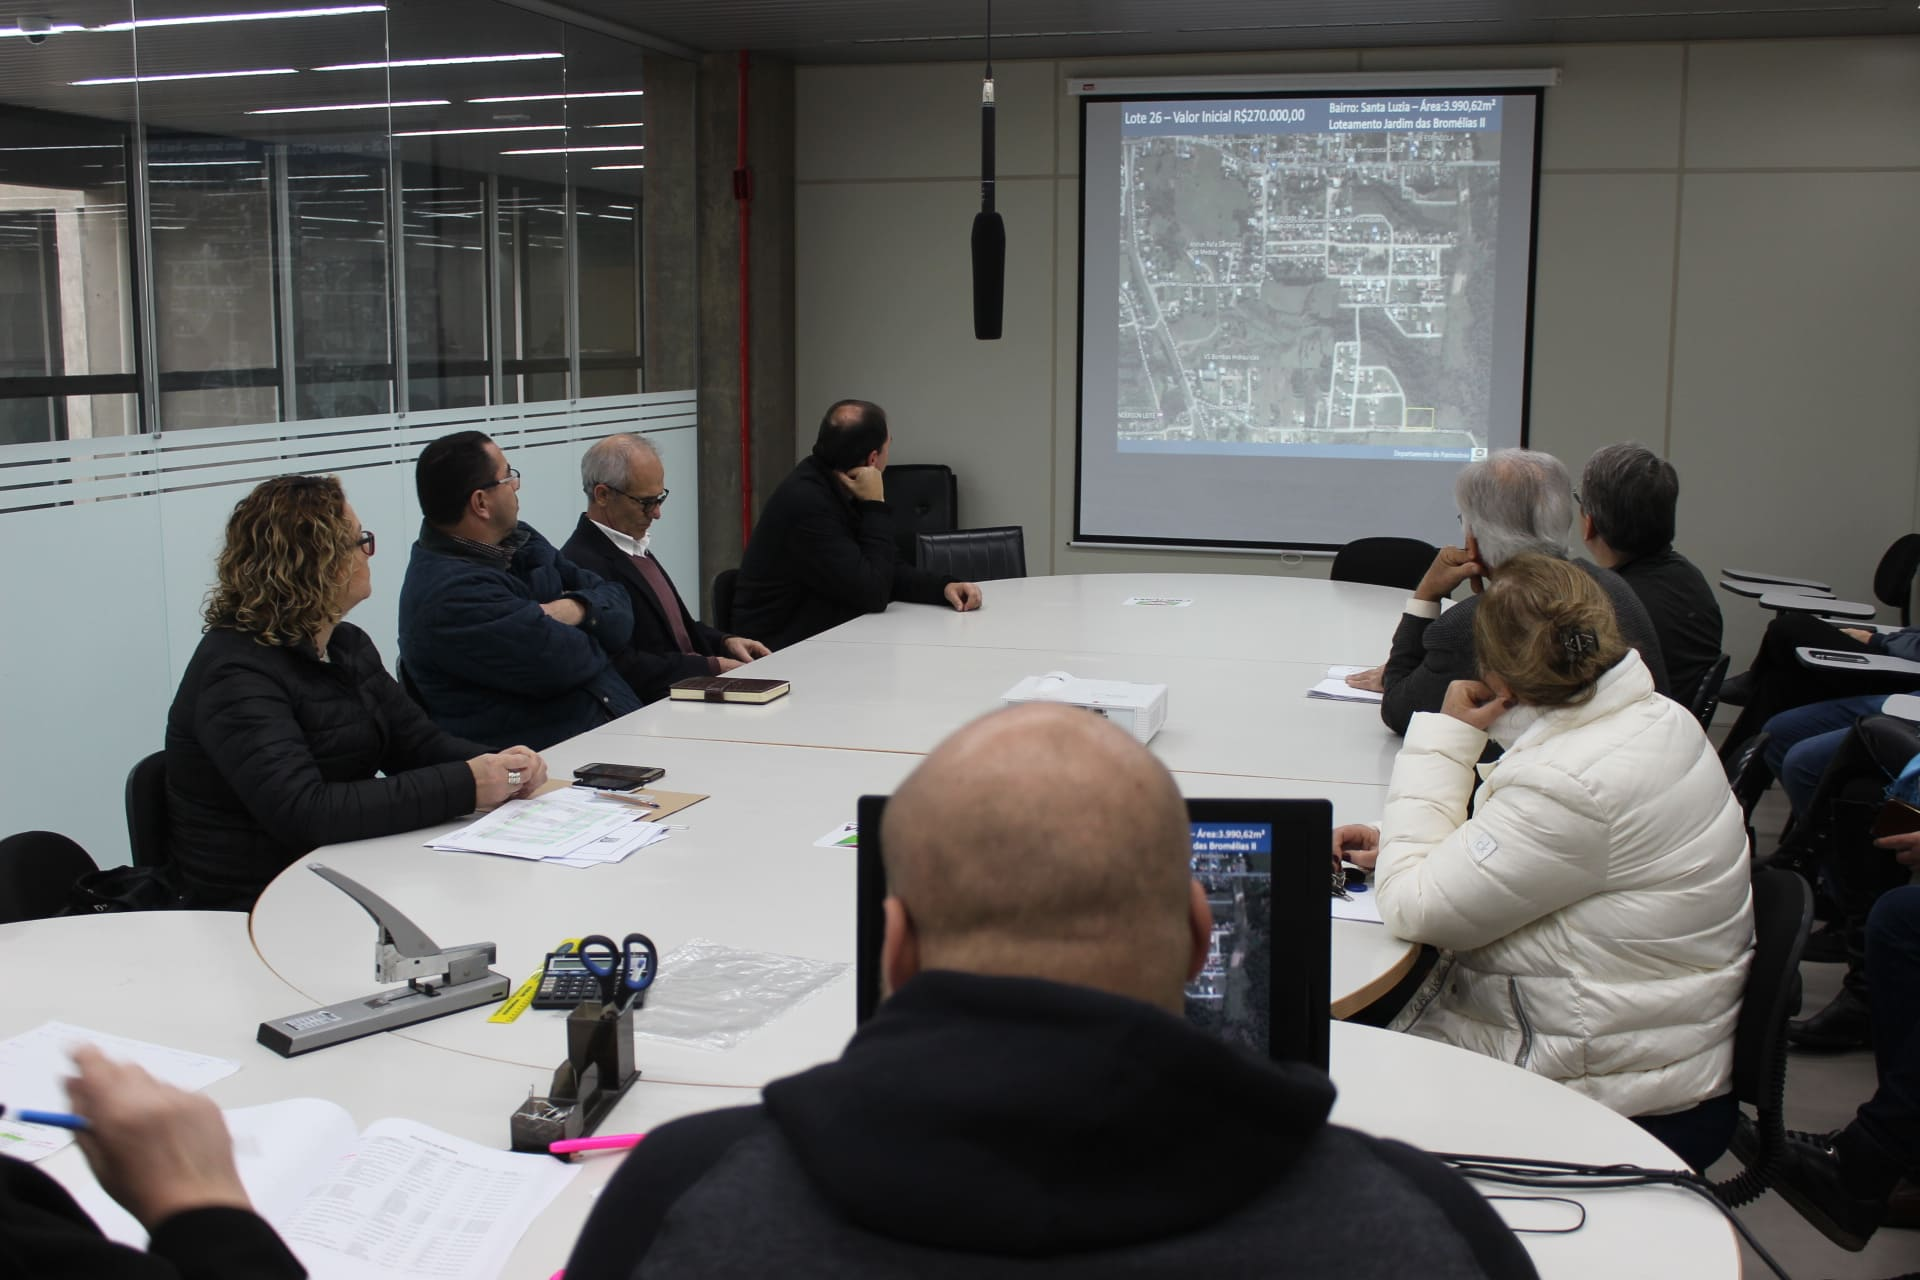 Leilão de terrenos públicos arrecada mais de R$ 1 milhão para pavimentações em Criciúma